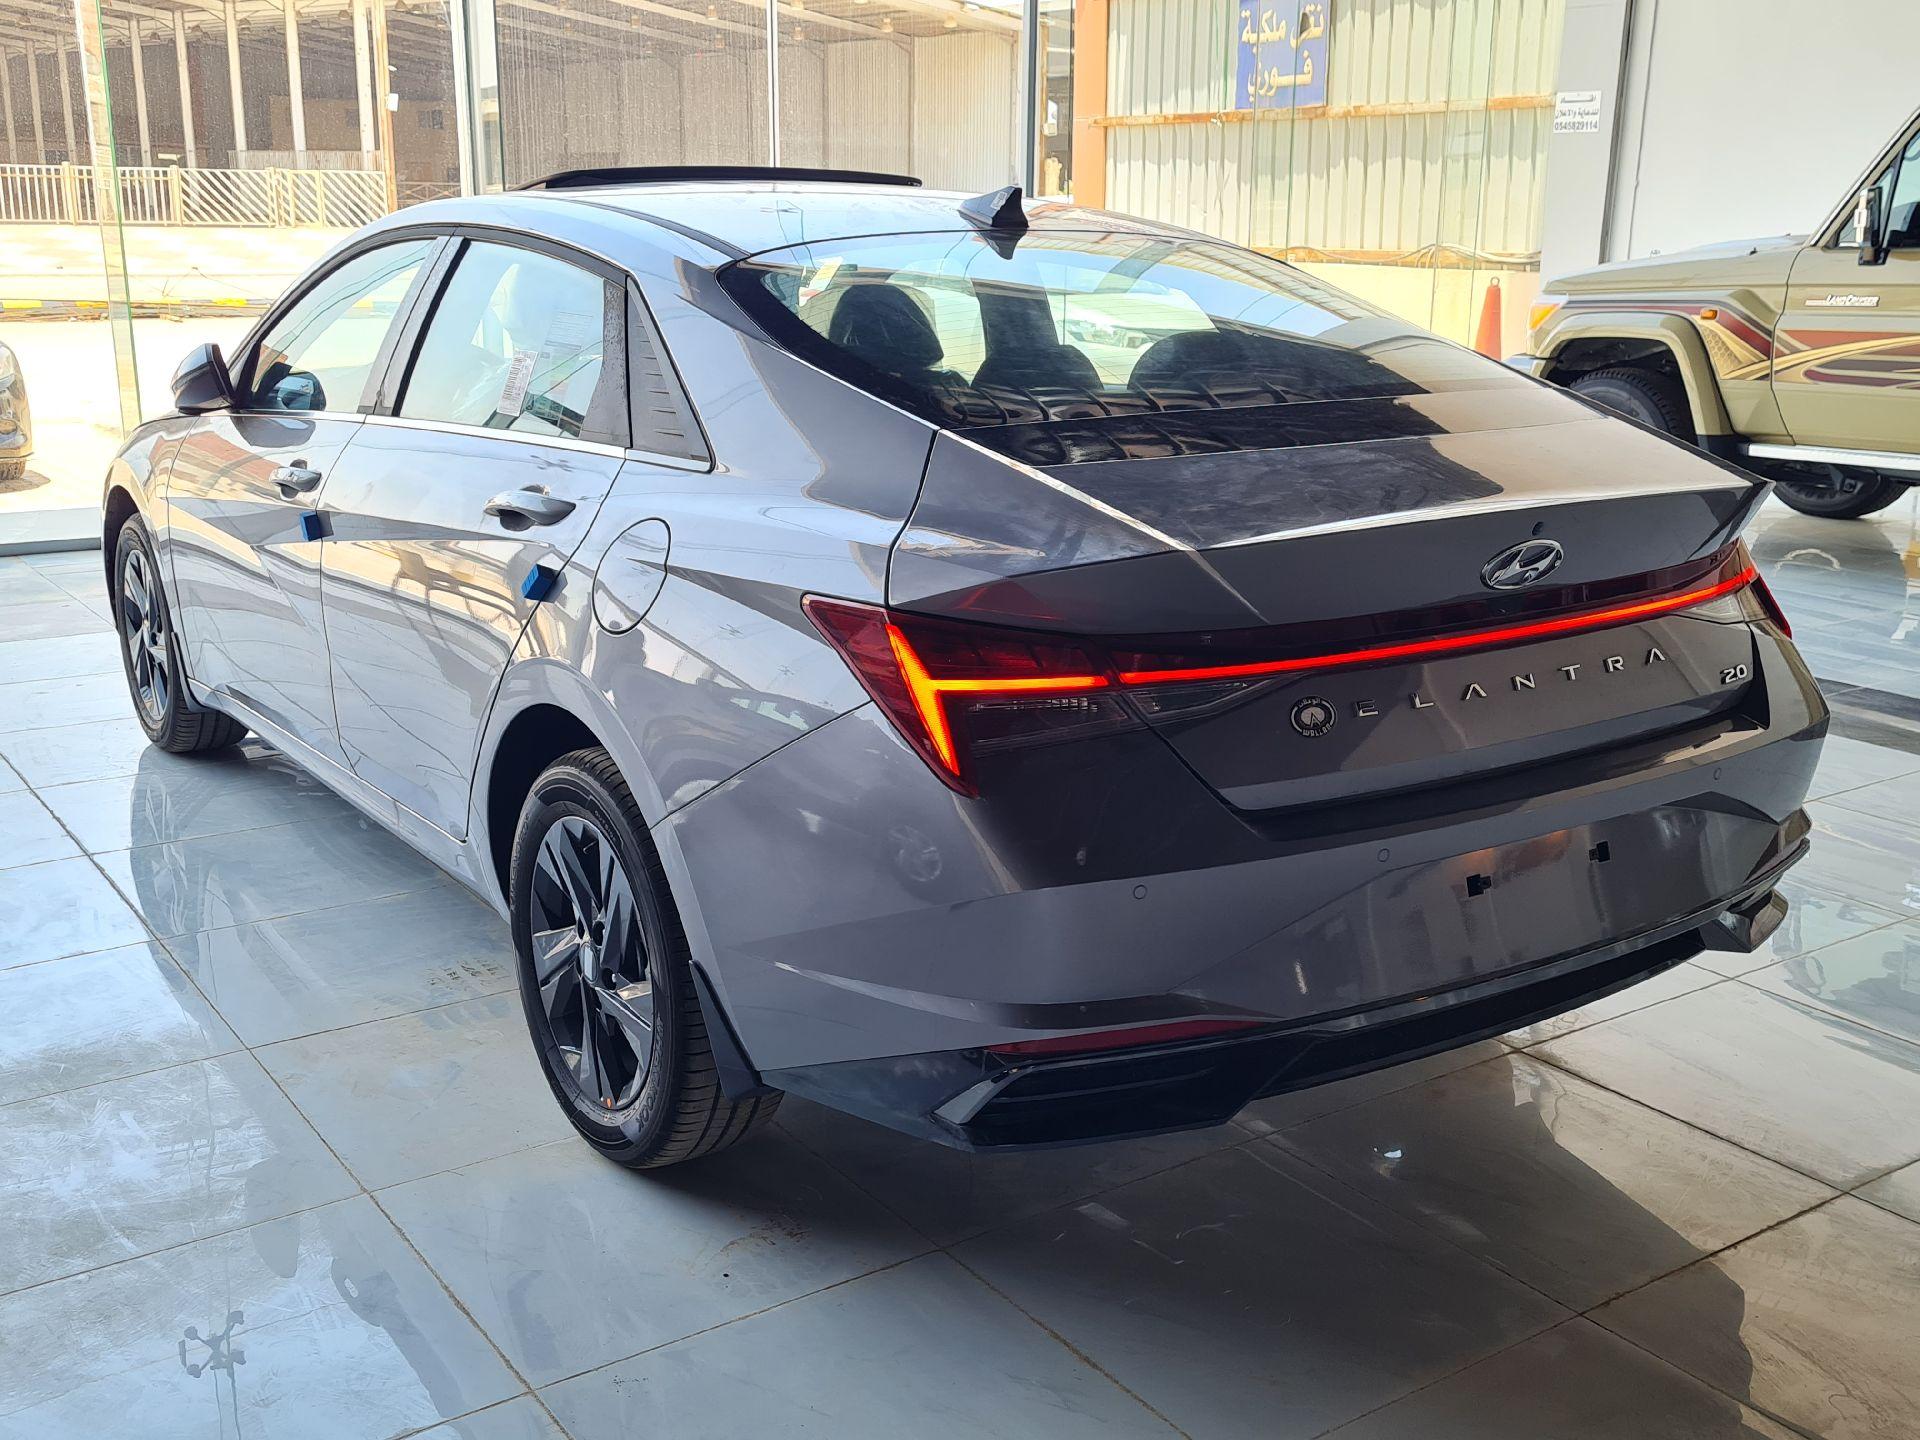 مباع - هونداي النترا Smart Plus  نص فل 2021  سعودي جديد للبيع في الرياض - السعودية - صورة كبيرة - 4